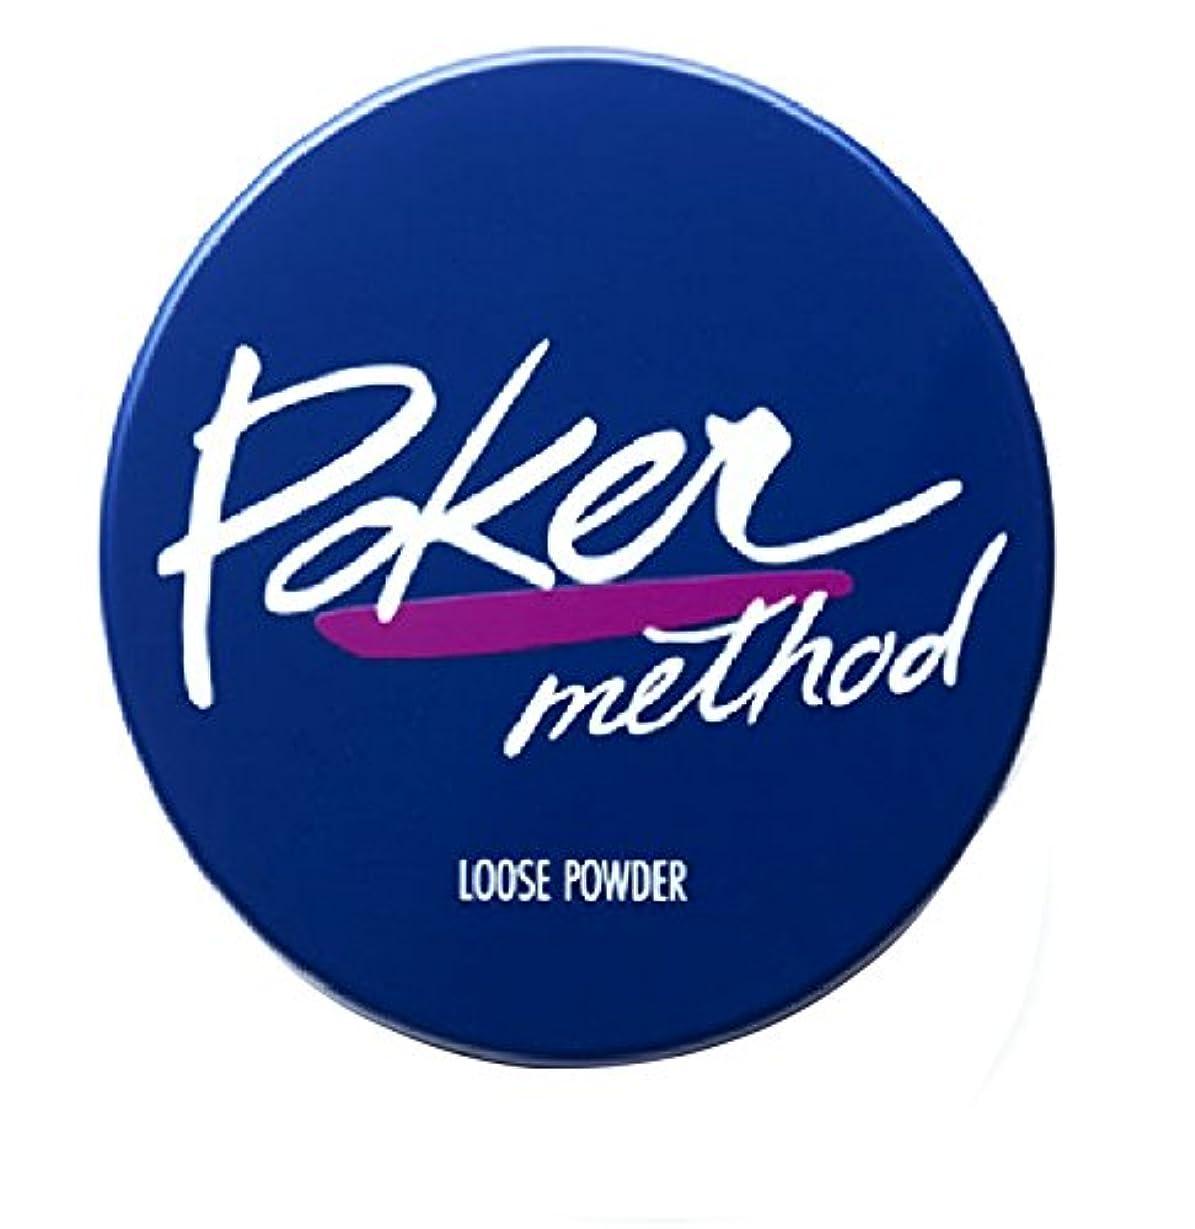 ホップ第五石灰岩Poker Method(ポーカーメソッド) オイルインルース ファンデーション 18G